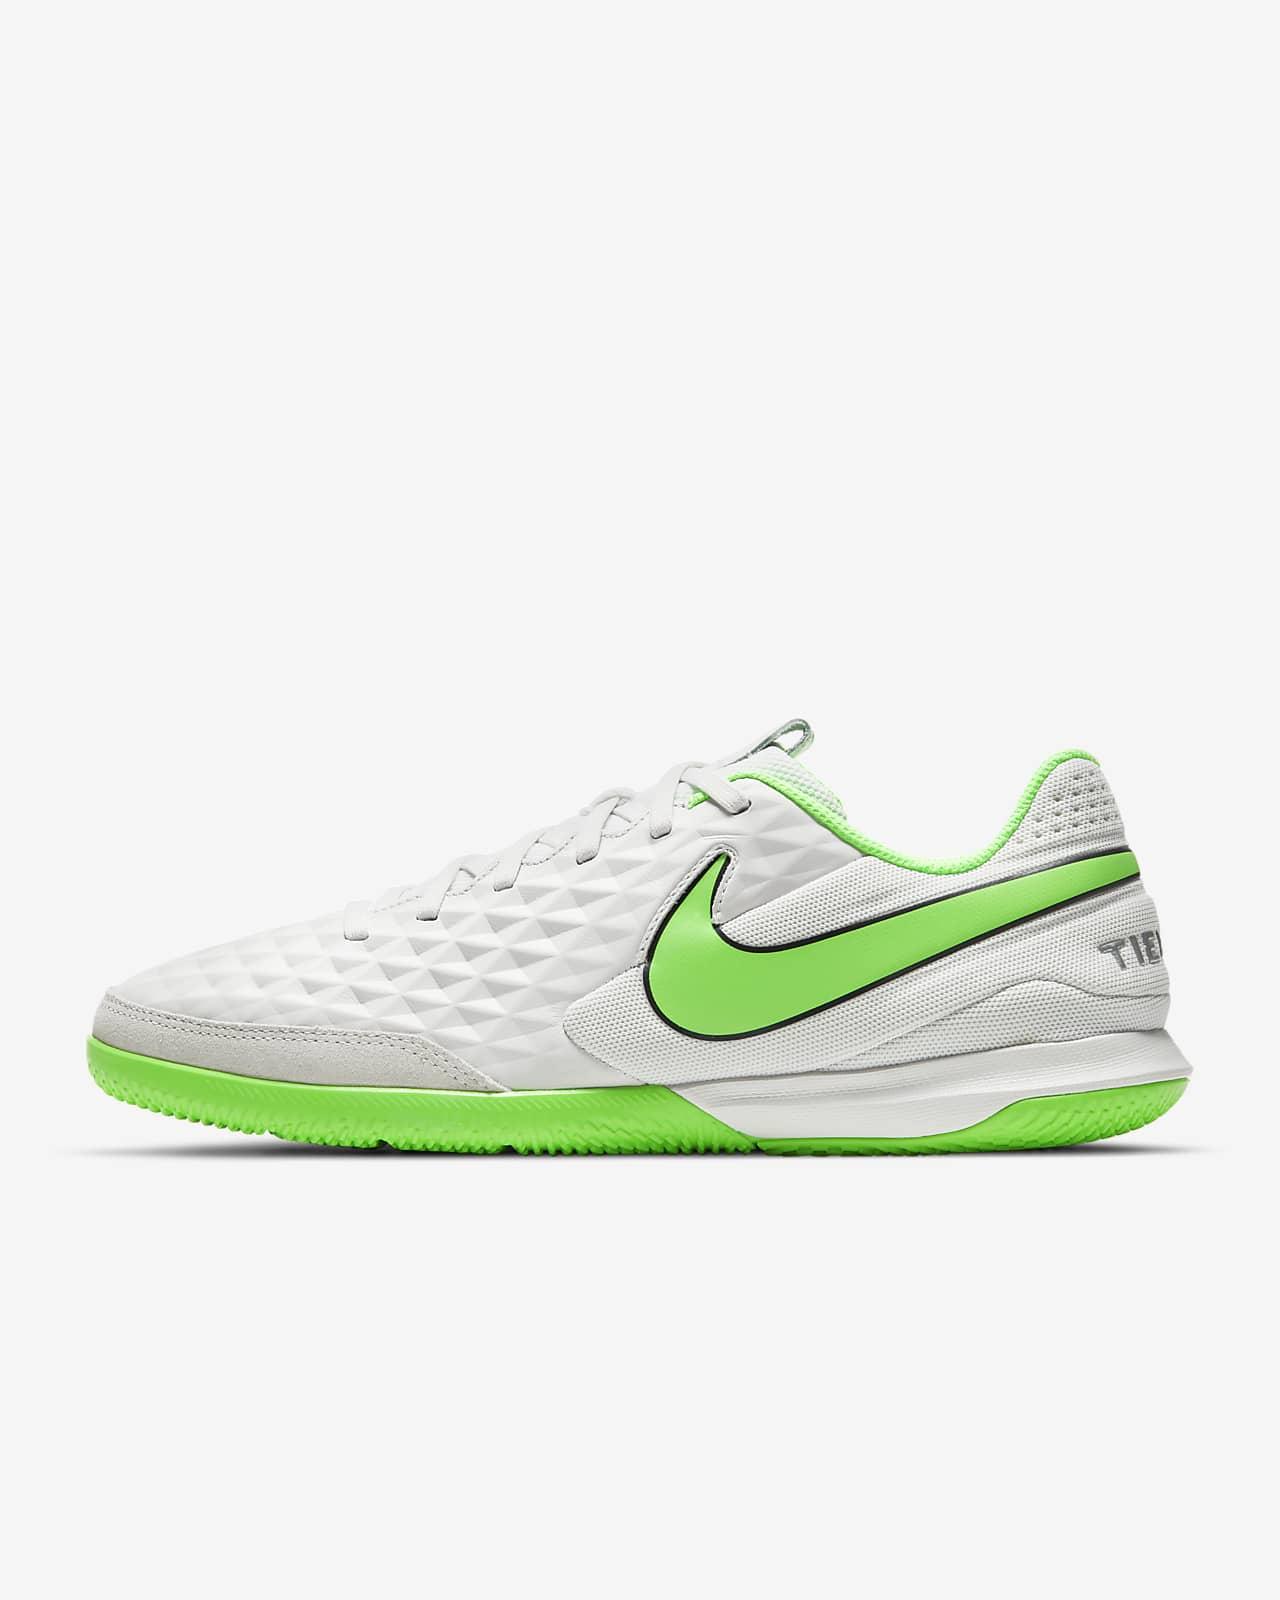 รองเท้าฟุตบอลสำหรับสนามในร่ม/คอร์ท Nike Tiempo Legend 8 Academy IC